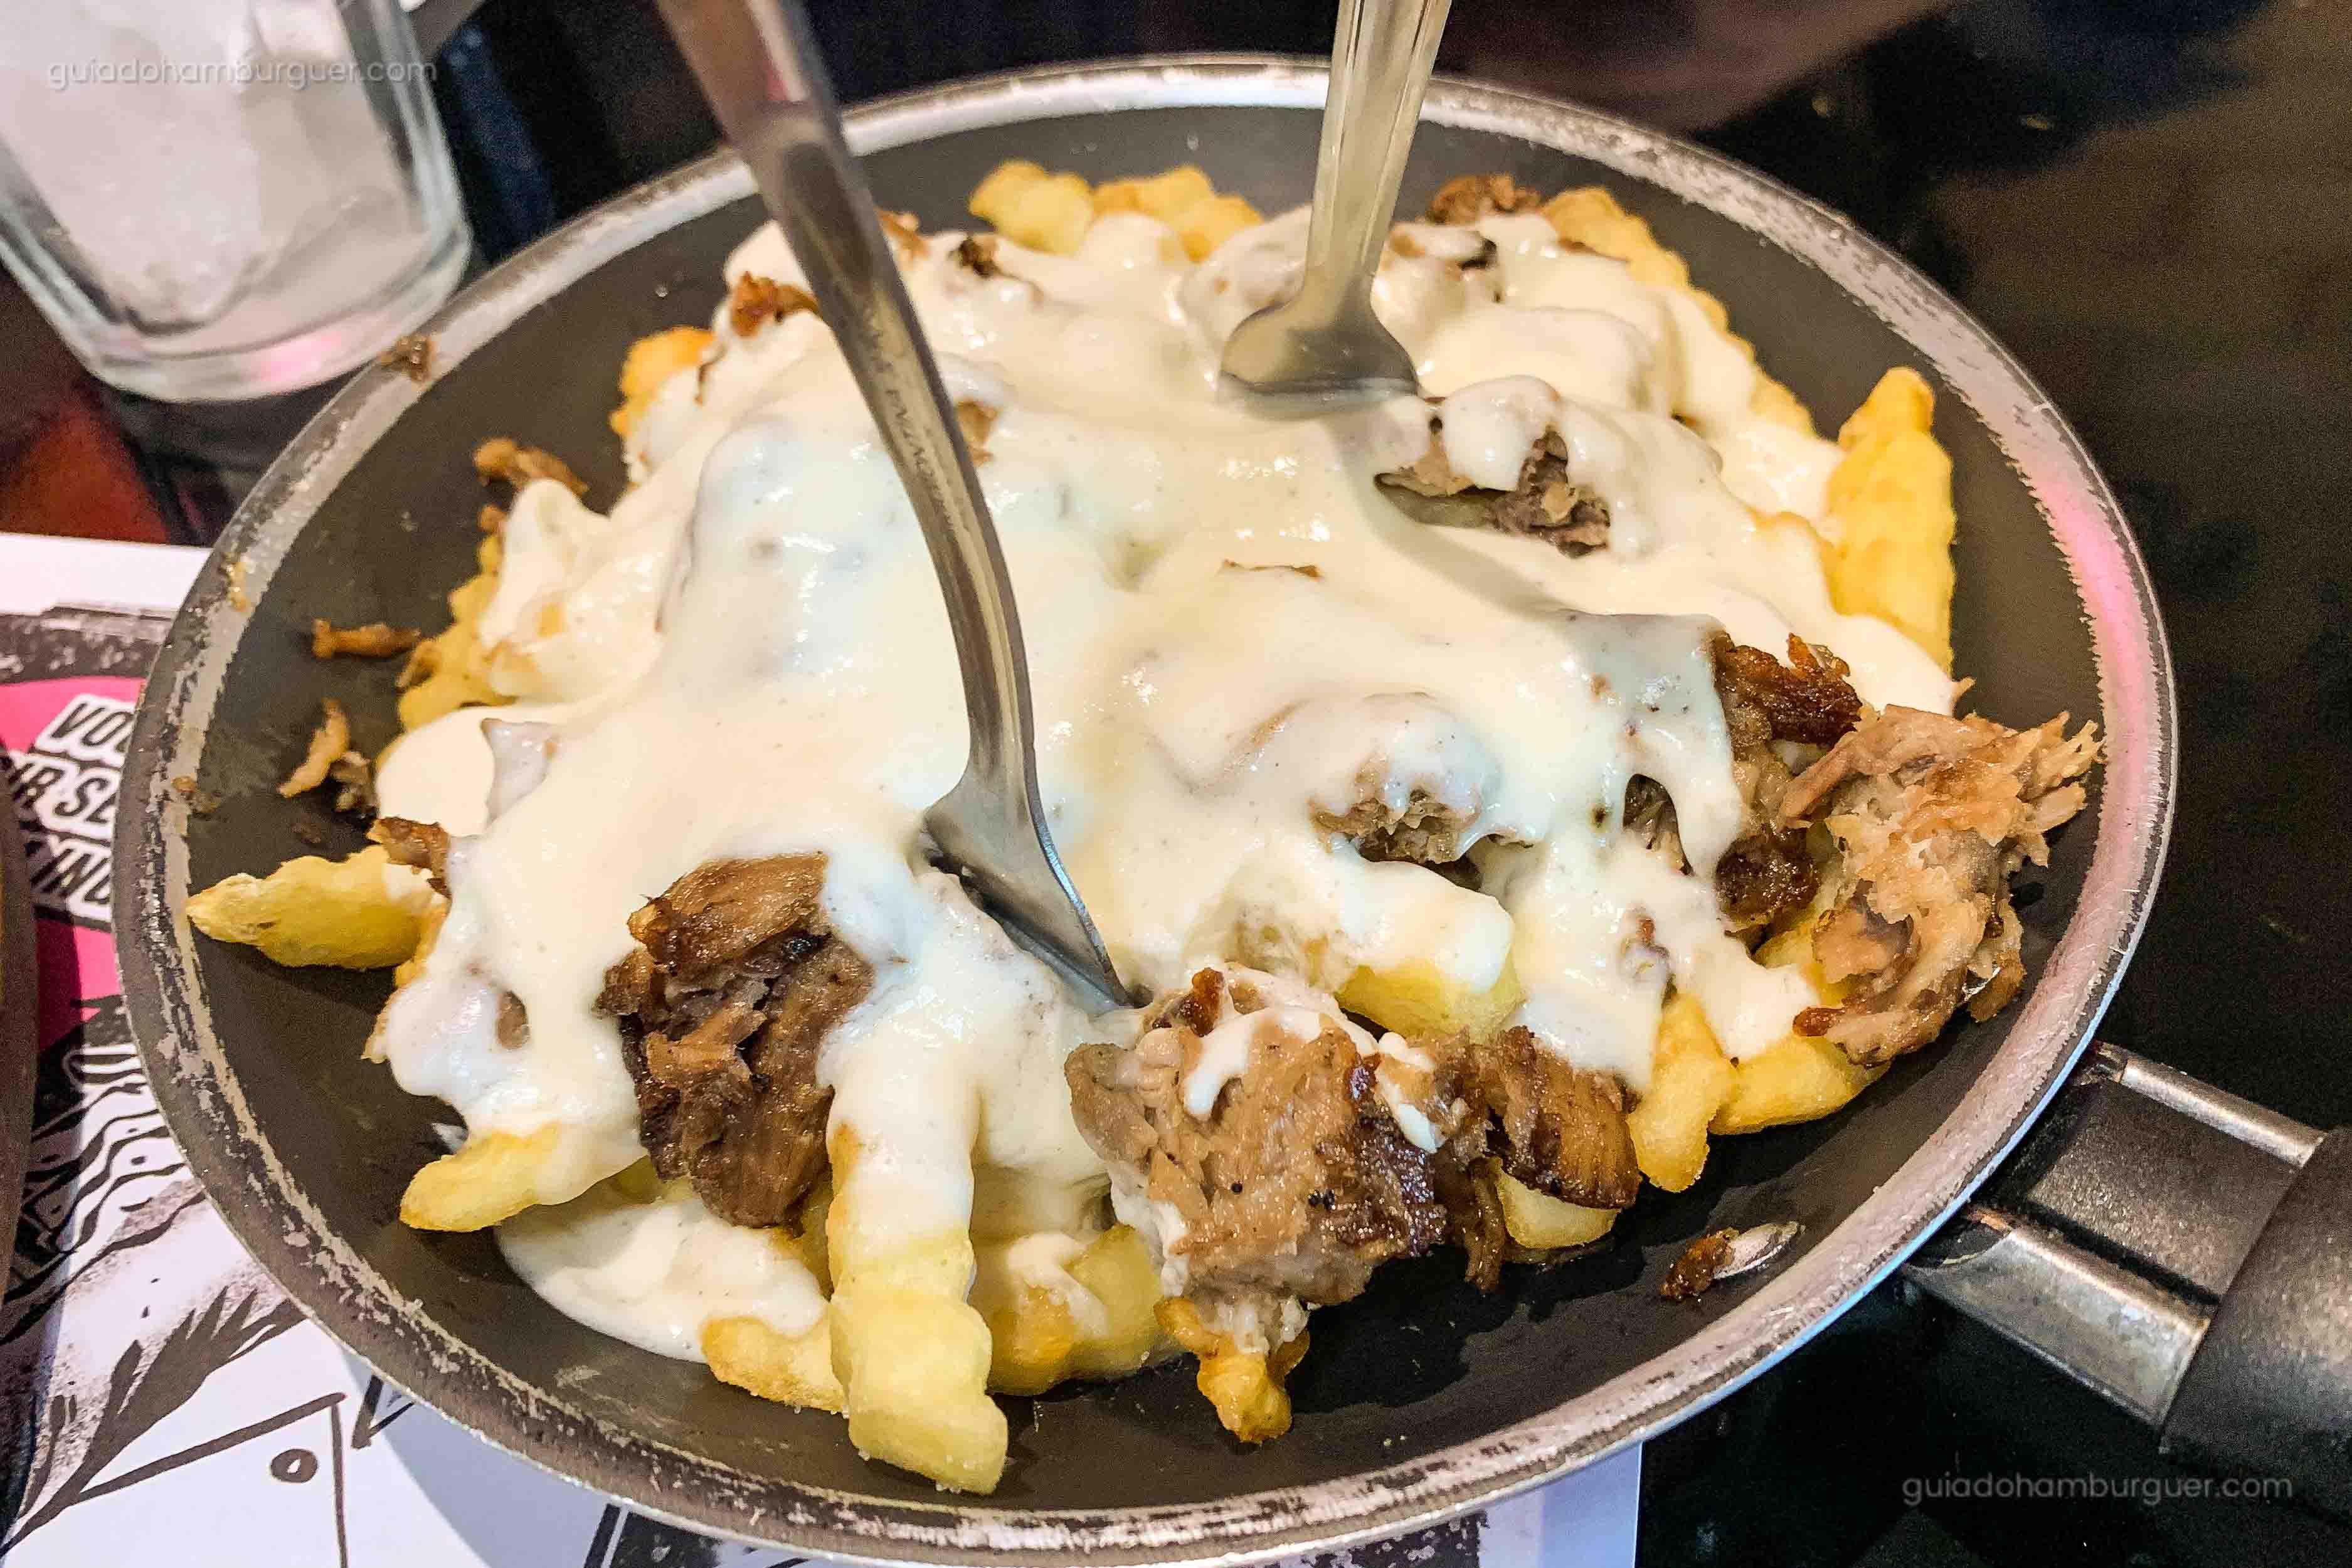 fritas-smart-burger-sao-paulo